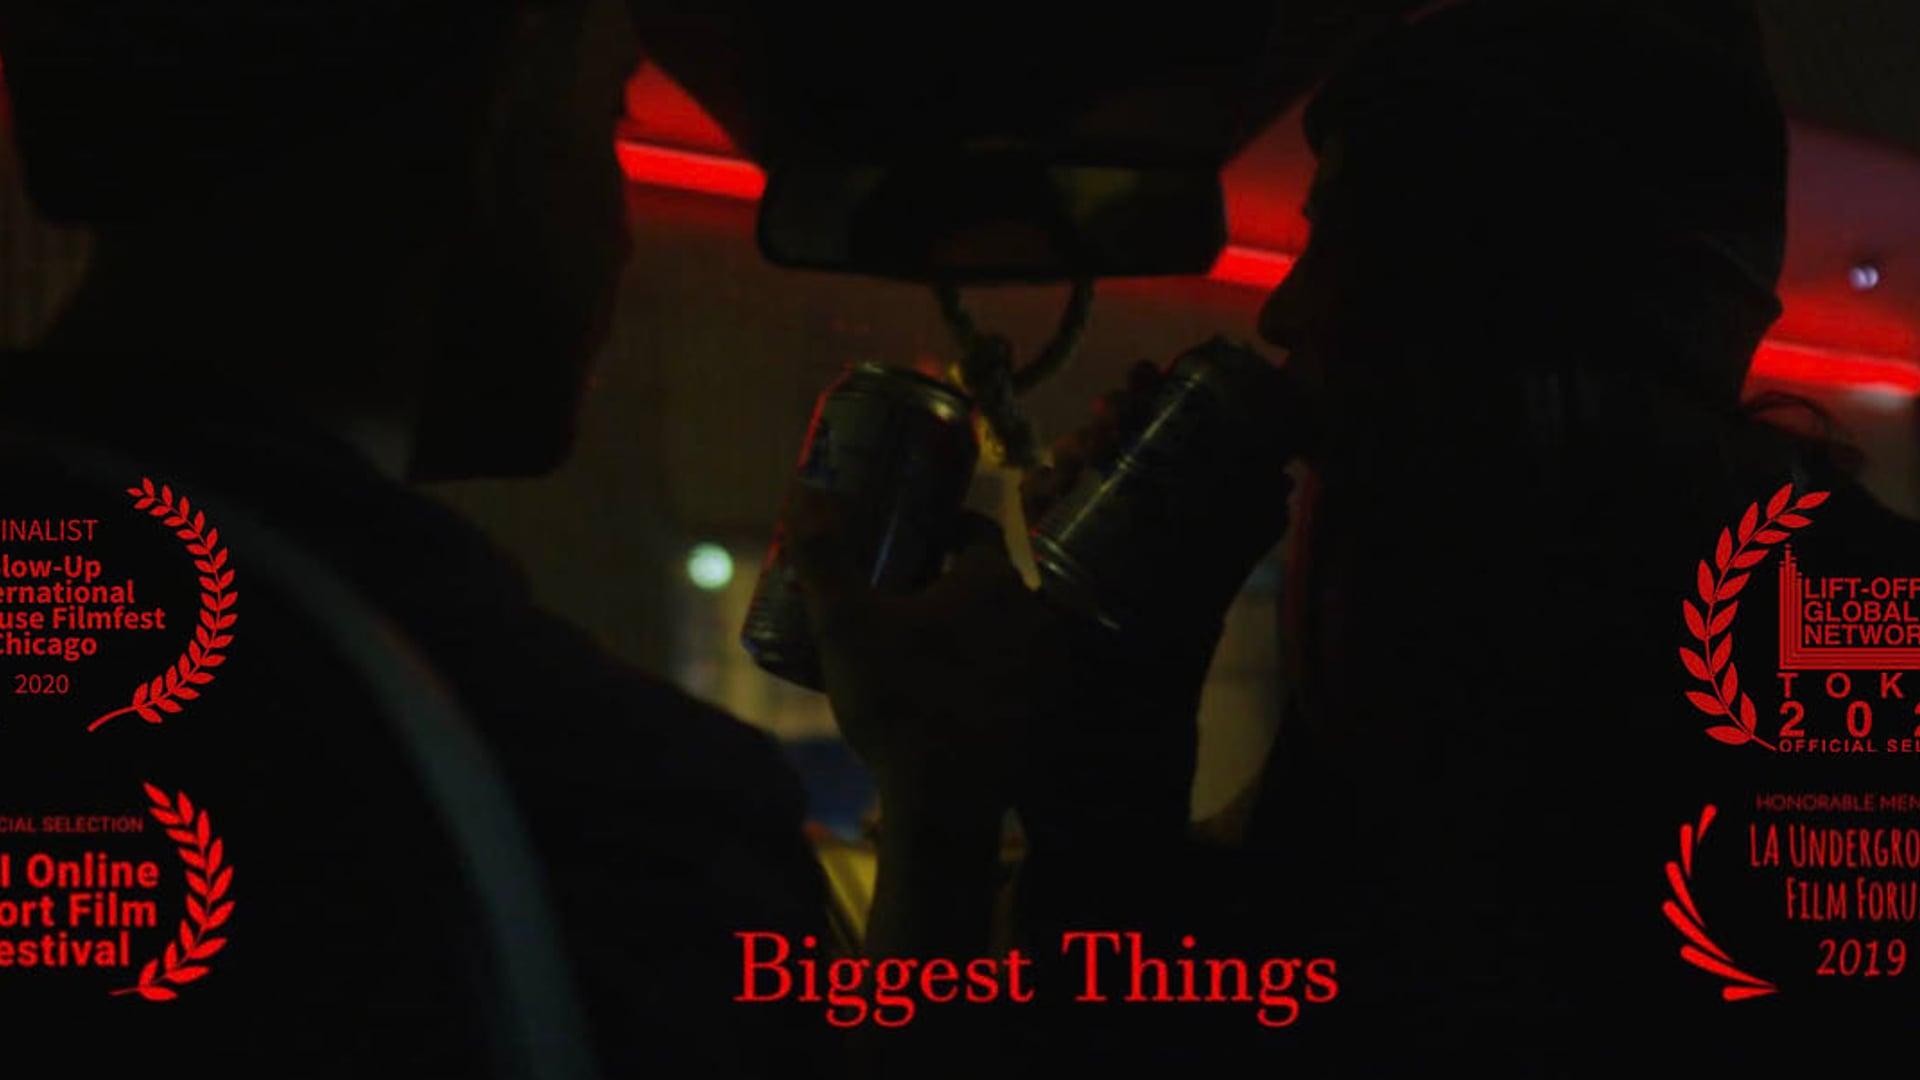 Biggest Things